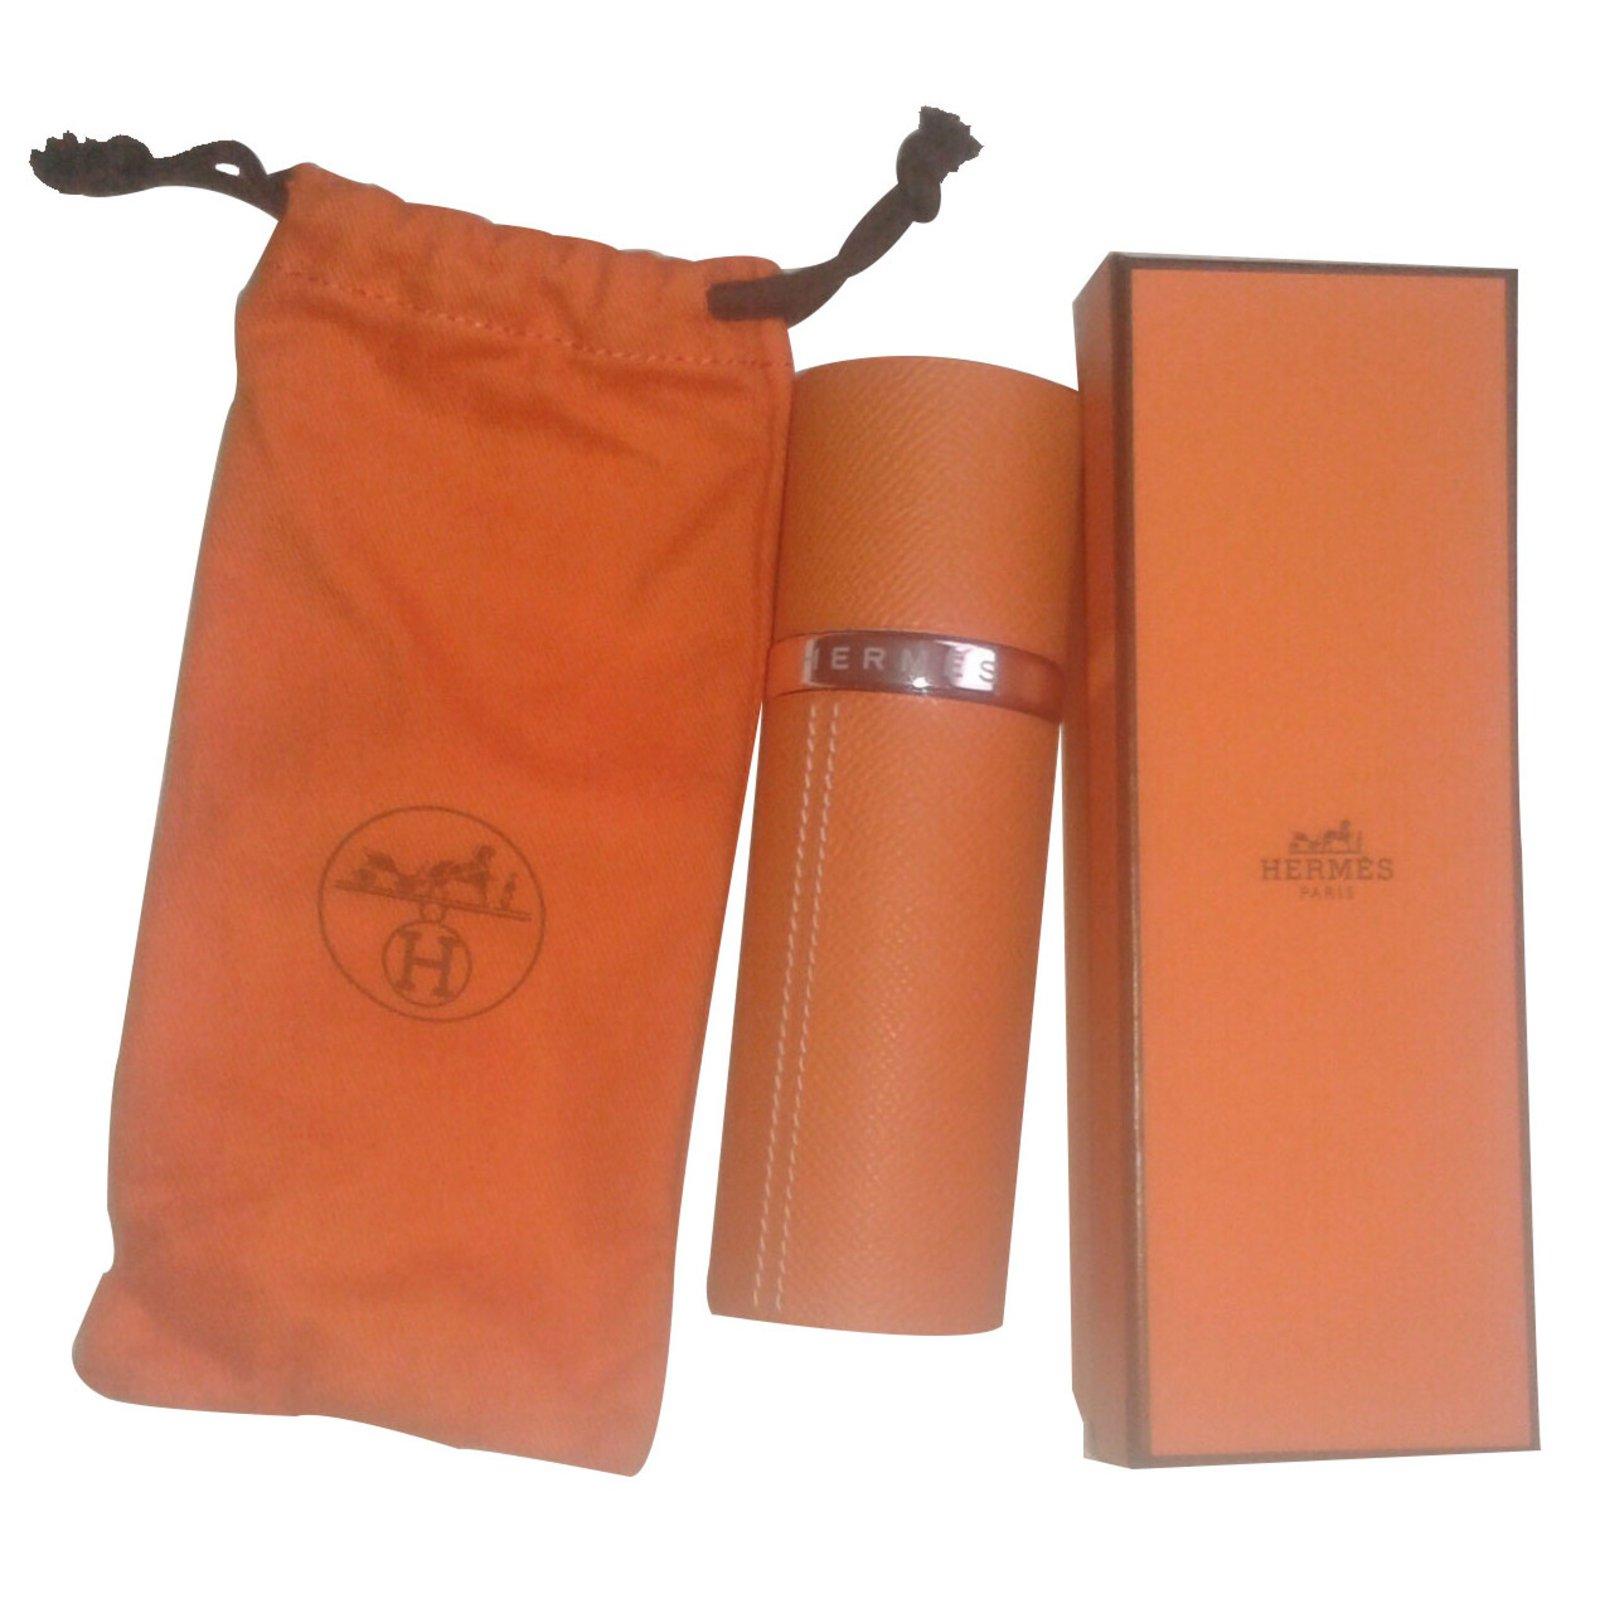 Vaporisateur Orange Hermès Calèche Cuir Maroquinerie Ref Petite AcLq435jR